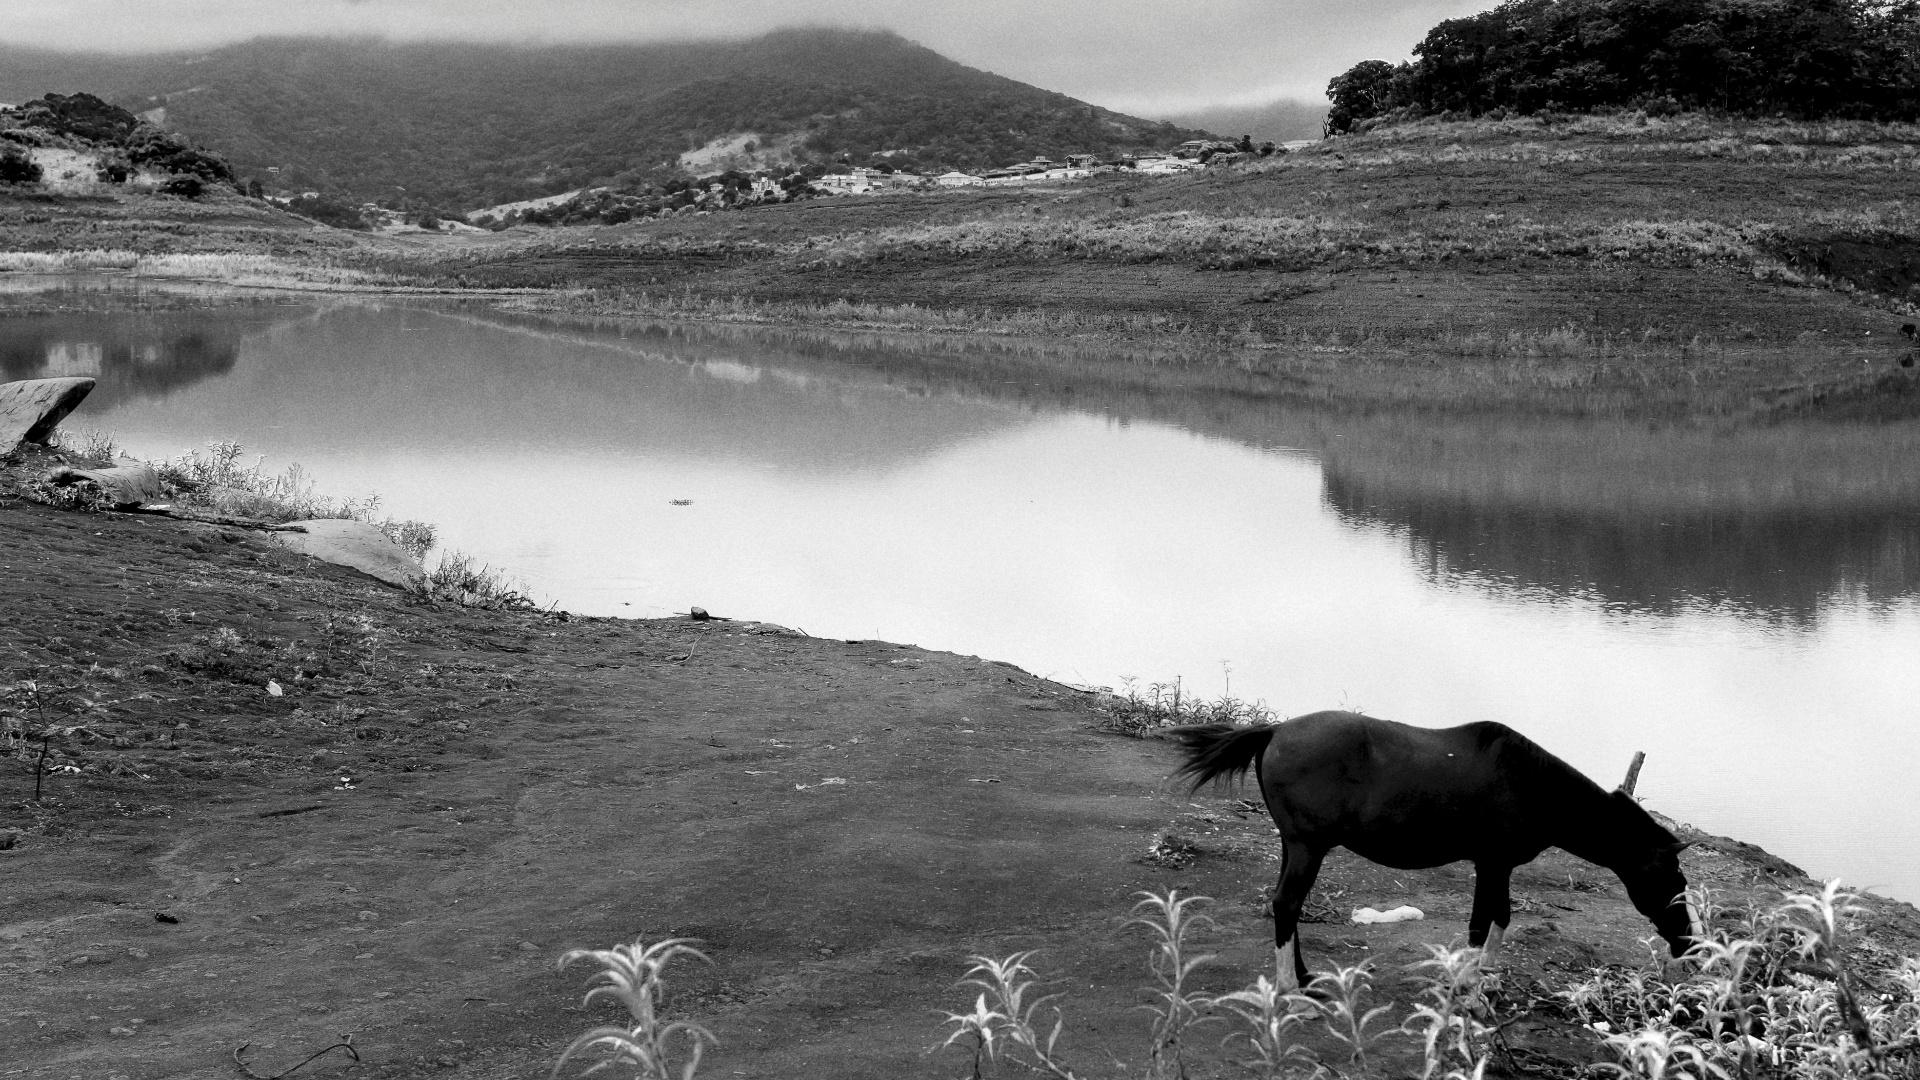 4.ago.2015 - JACAREÍ - Na represa de Jacareí, que ajuda a compor o sistema Cantareira, 76,5% dos rios que compõem o manancial estão sem suas matas ciliares